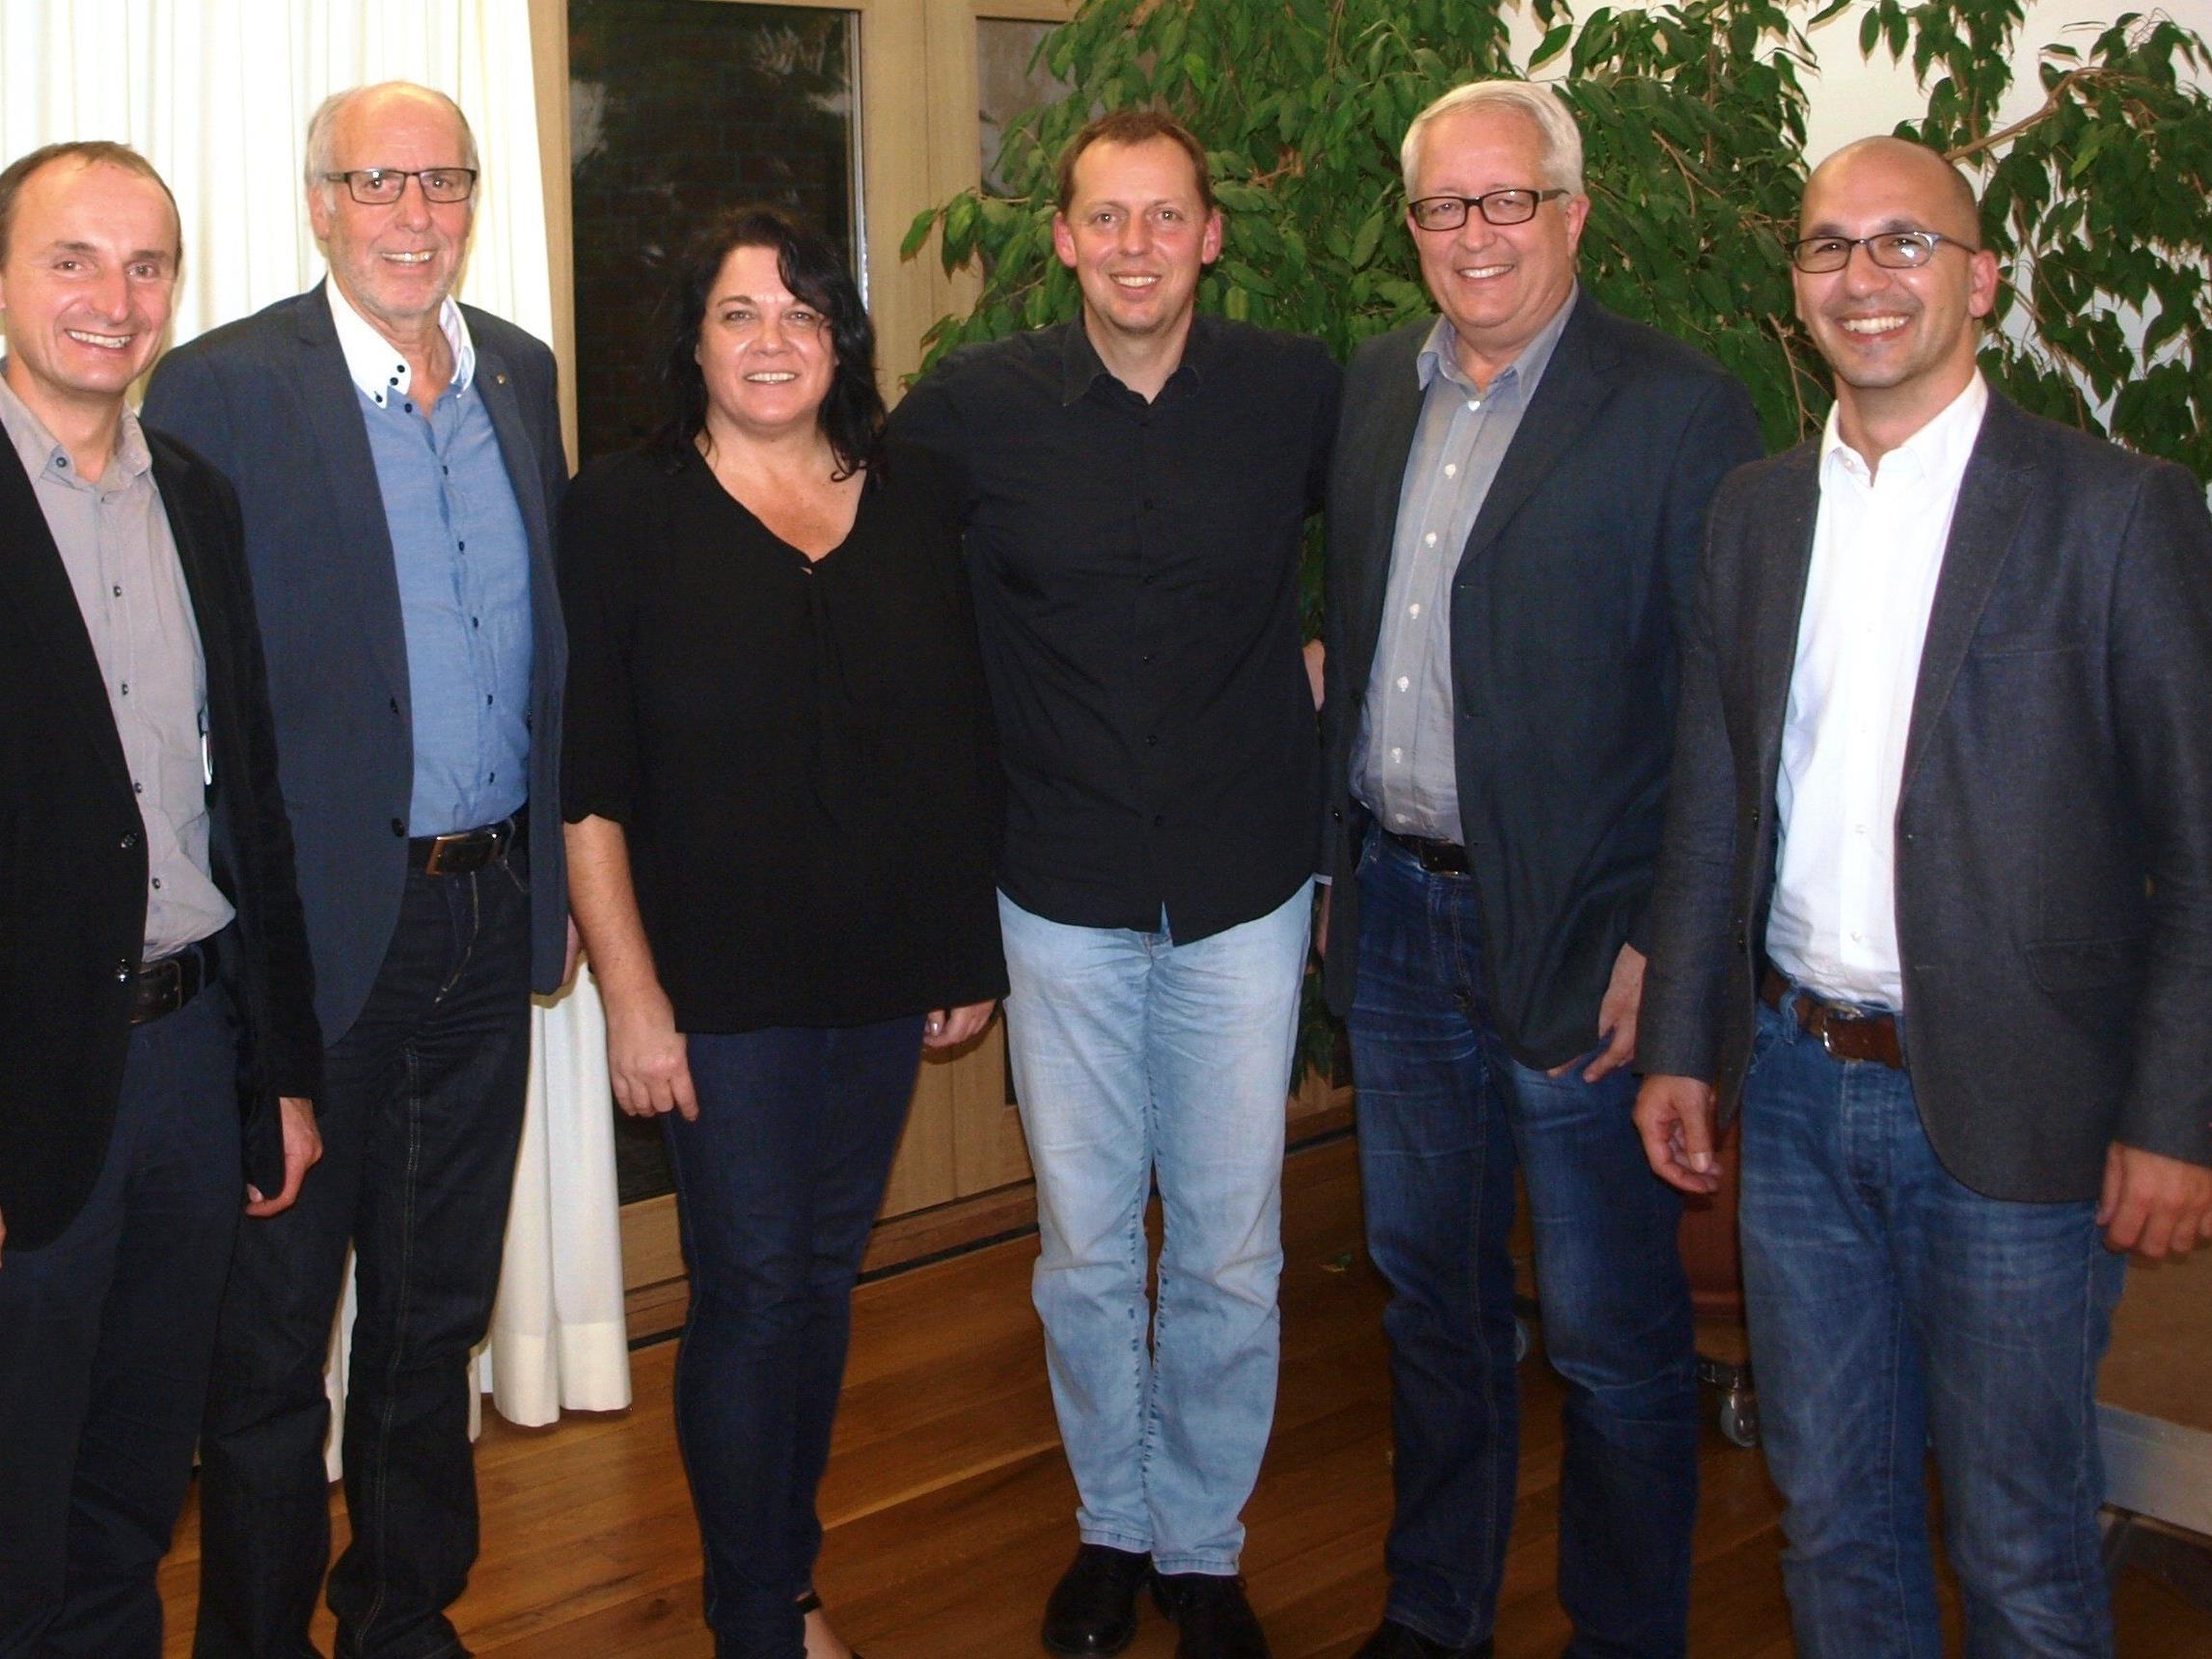 Sie freuten sich über einen bestens gelungenen Abend: Bgm. Alfons Rädler, Elmar Marent, Manuela Hack, Kabarettist Ingo Vogl, Bgm. Michael Simma, Thomas Winzek, von links nach rechts.